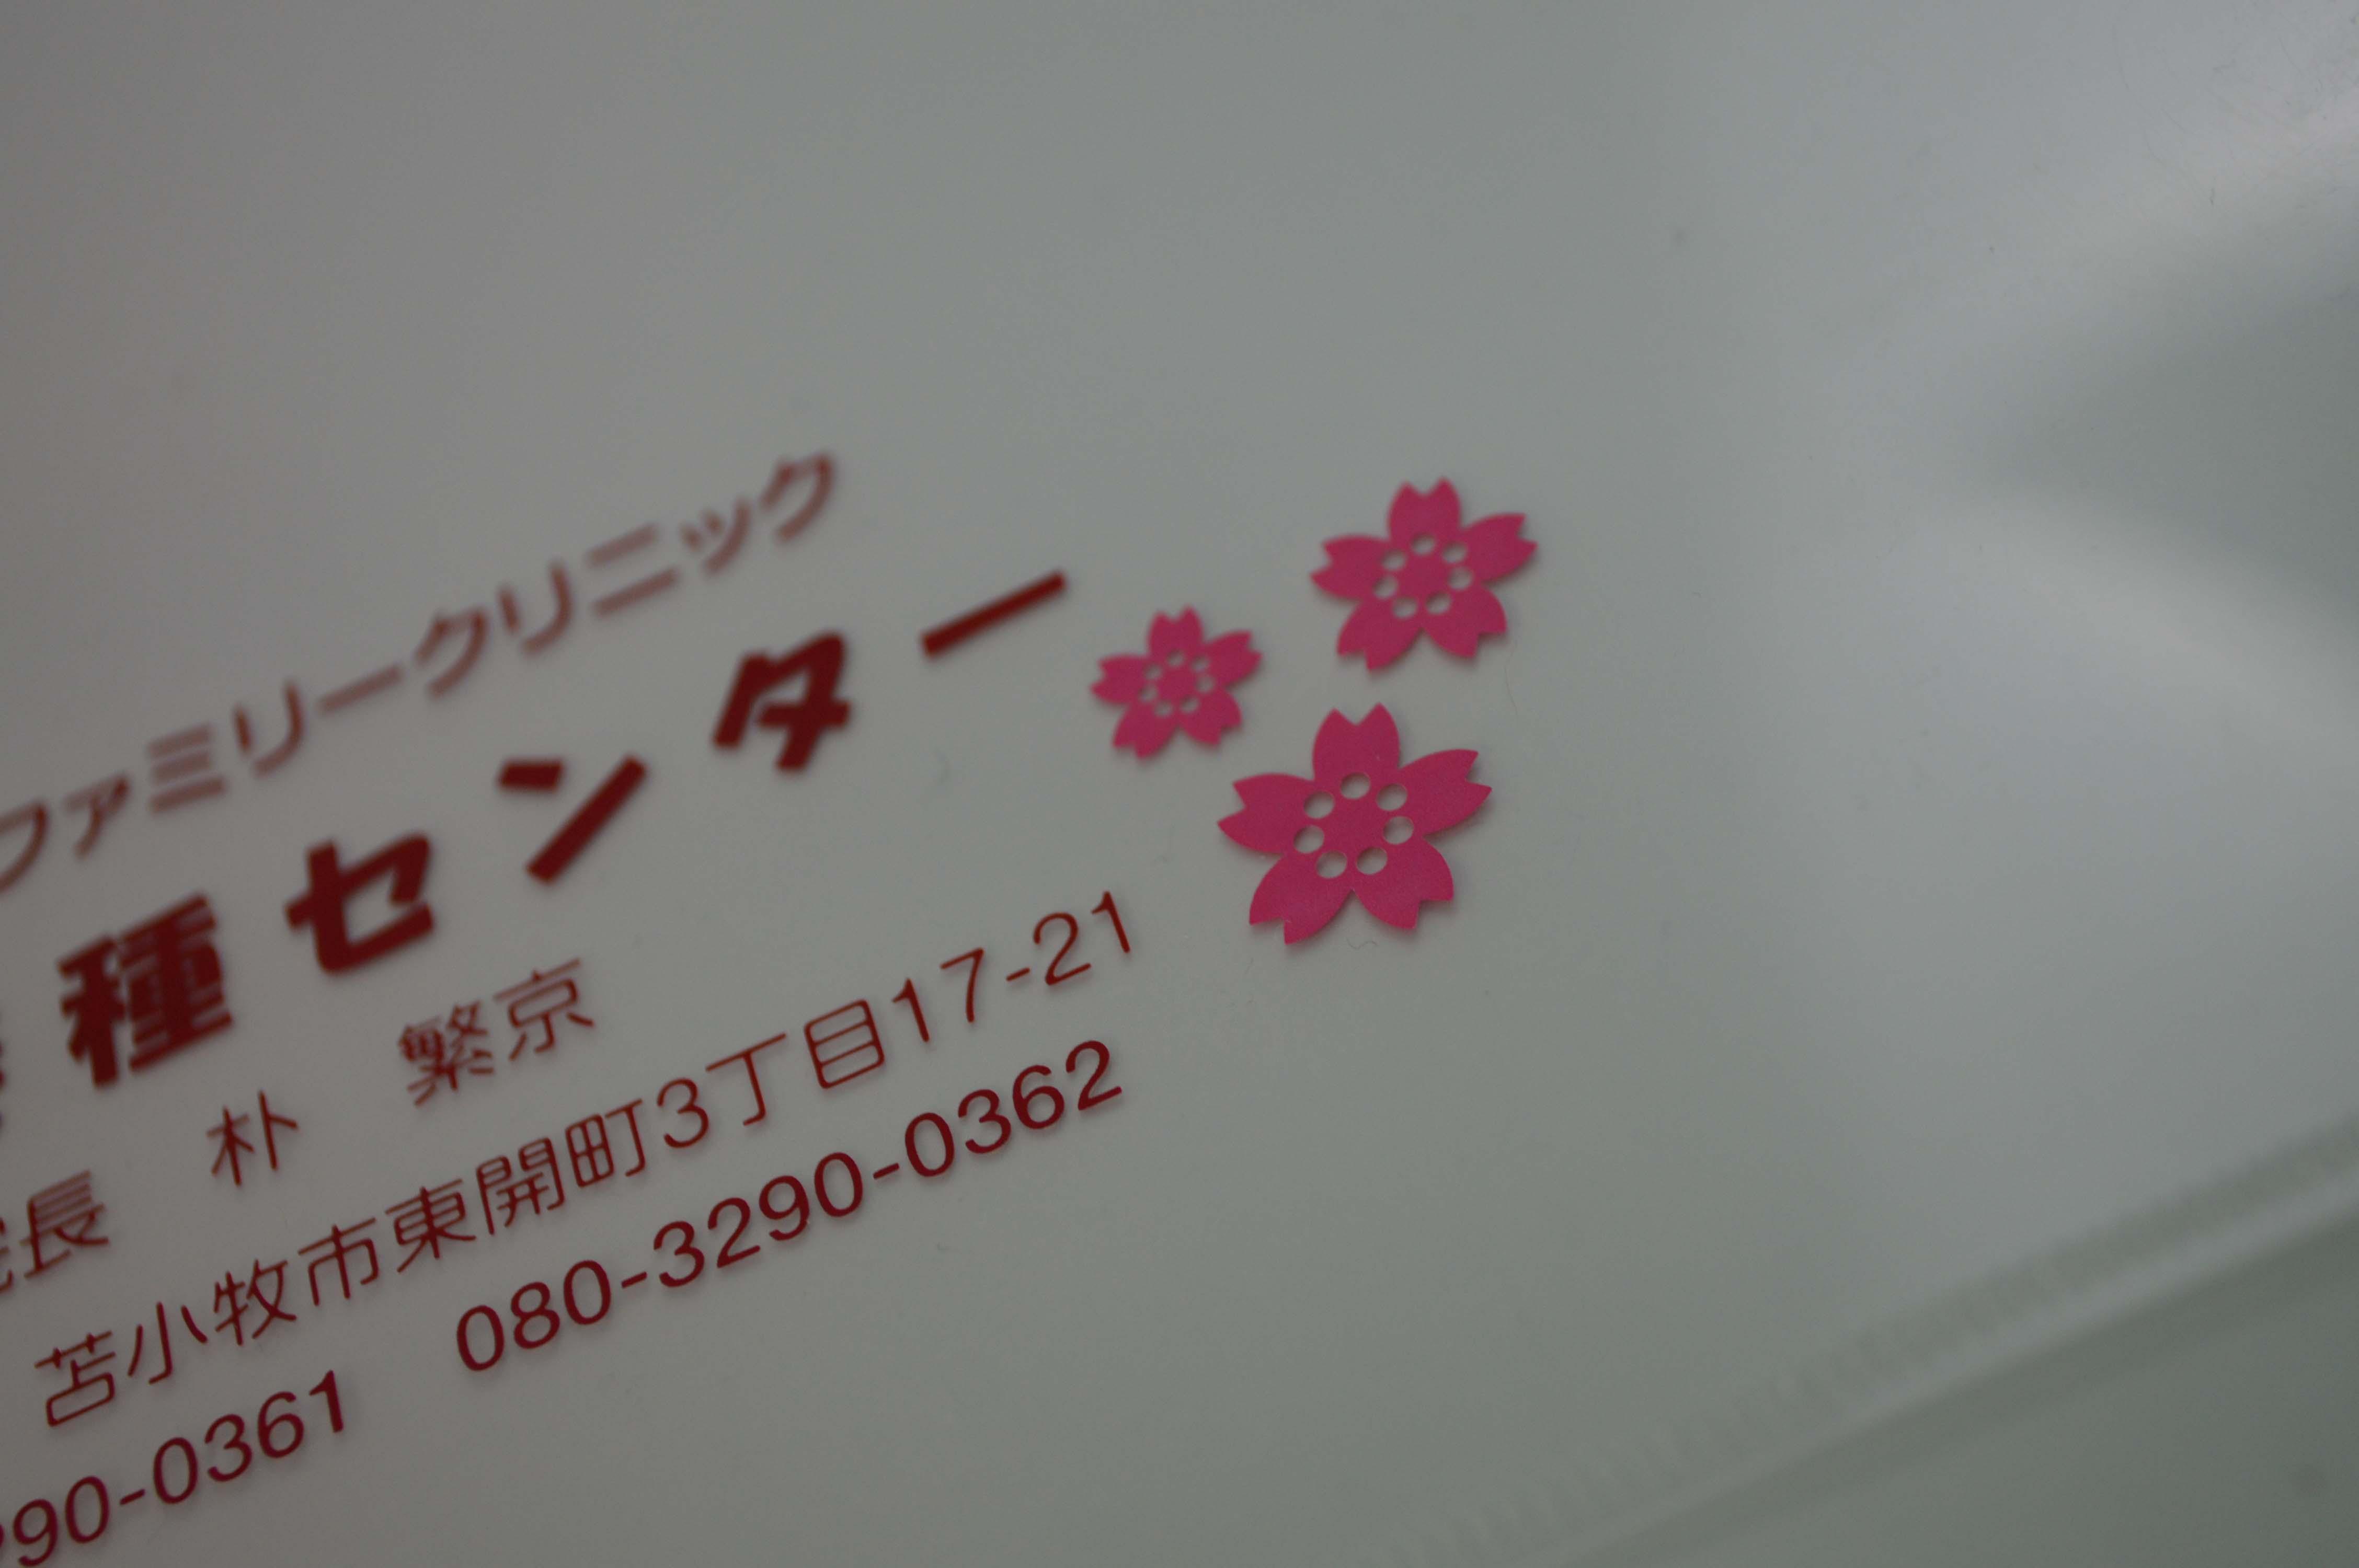 さくらファミリークリニック様 (2)